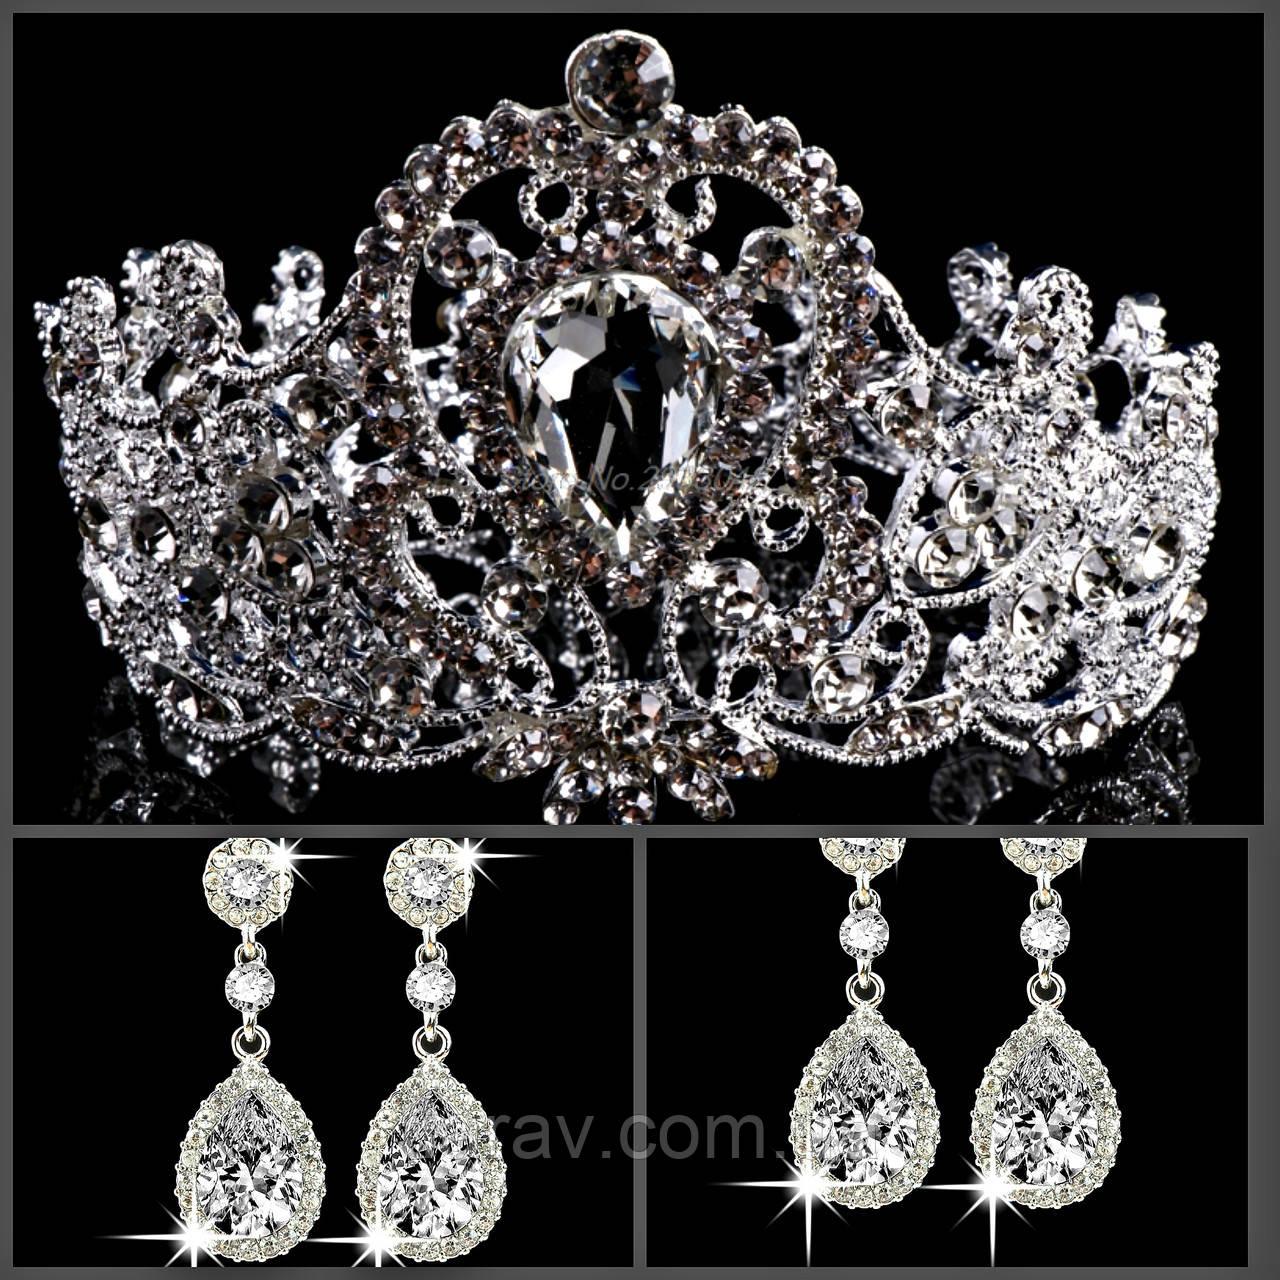 Корона и серьги набор БРАУНИ круглая корона на голову